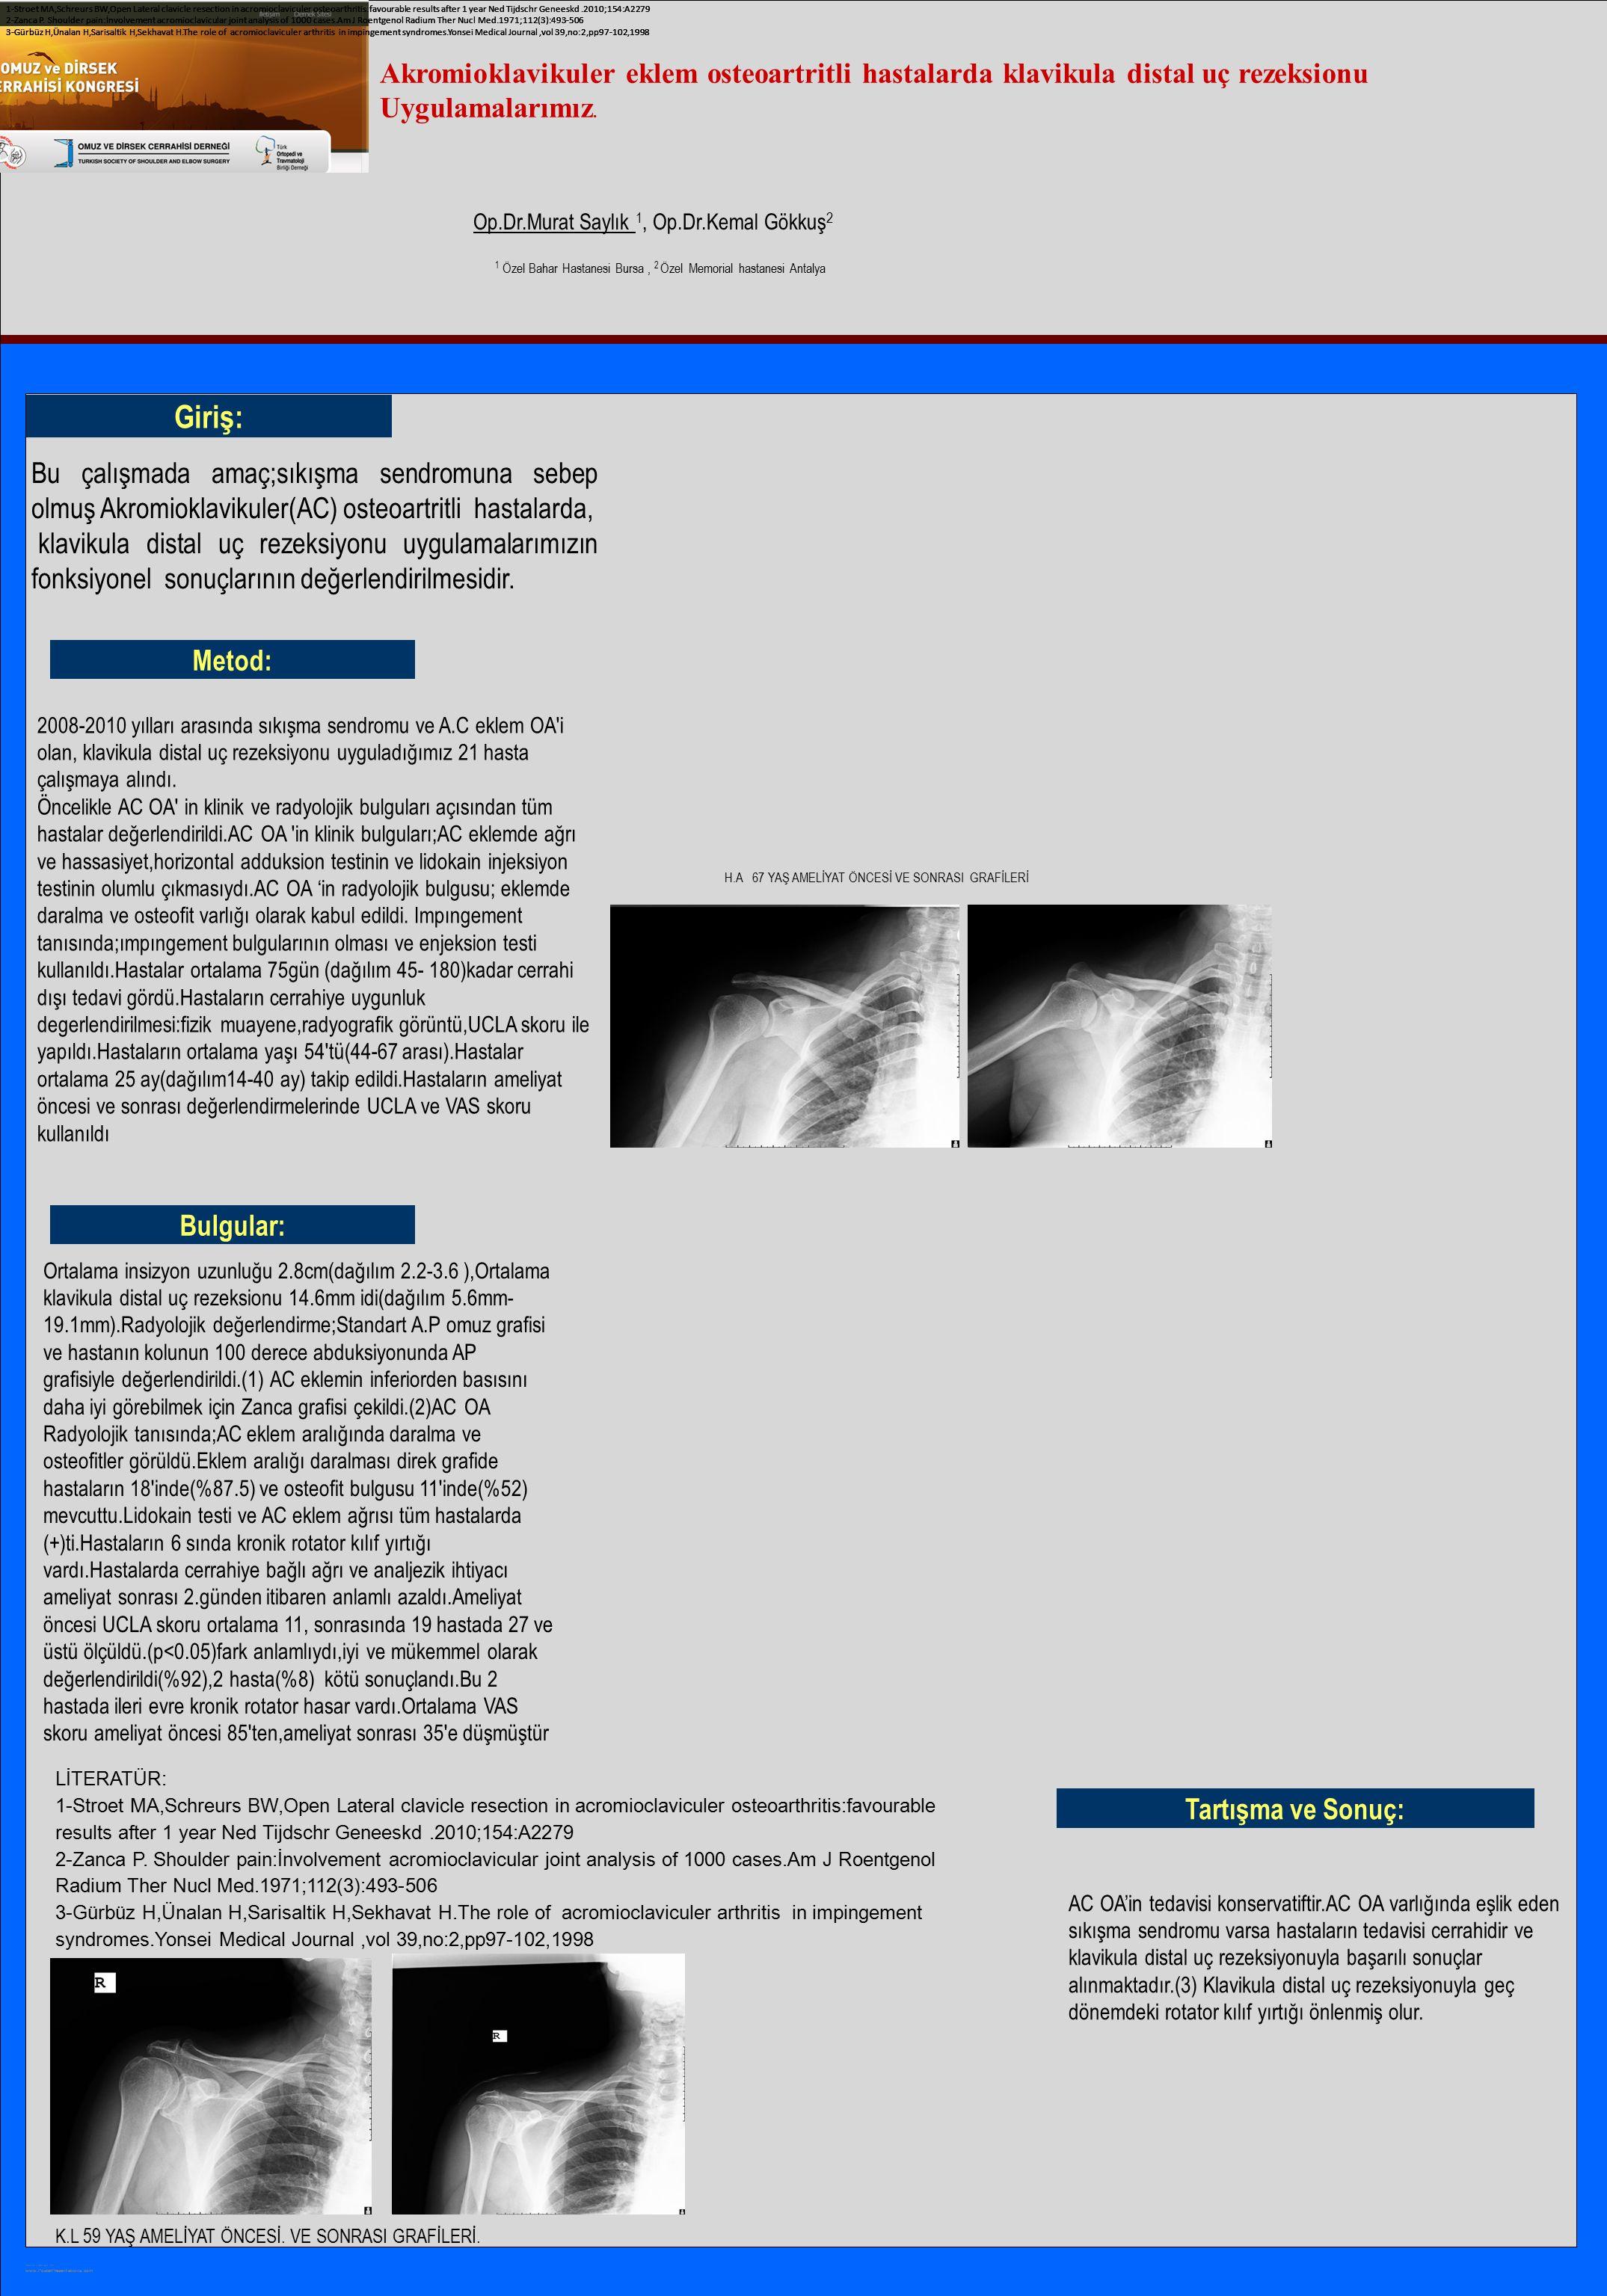 POSTER TEMPLATE BY: www.PosterPresentations.com Akromioklavikuler eklem osteoartritli hastalarda klavikula distal uç rezeksionu Uygulamalarımız. Giriş